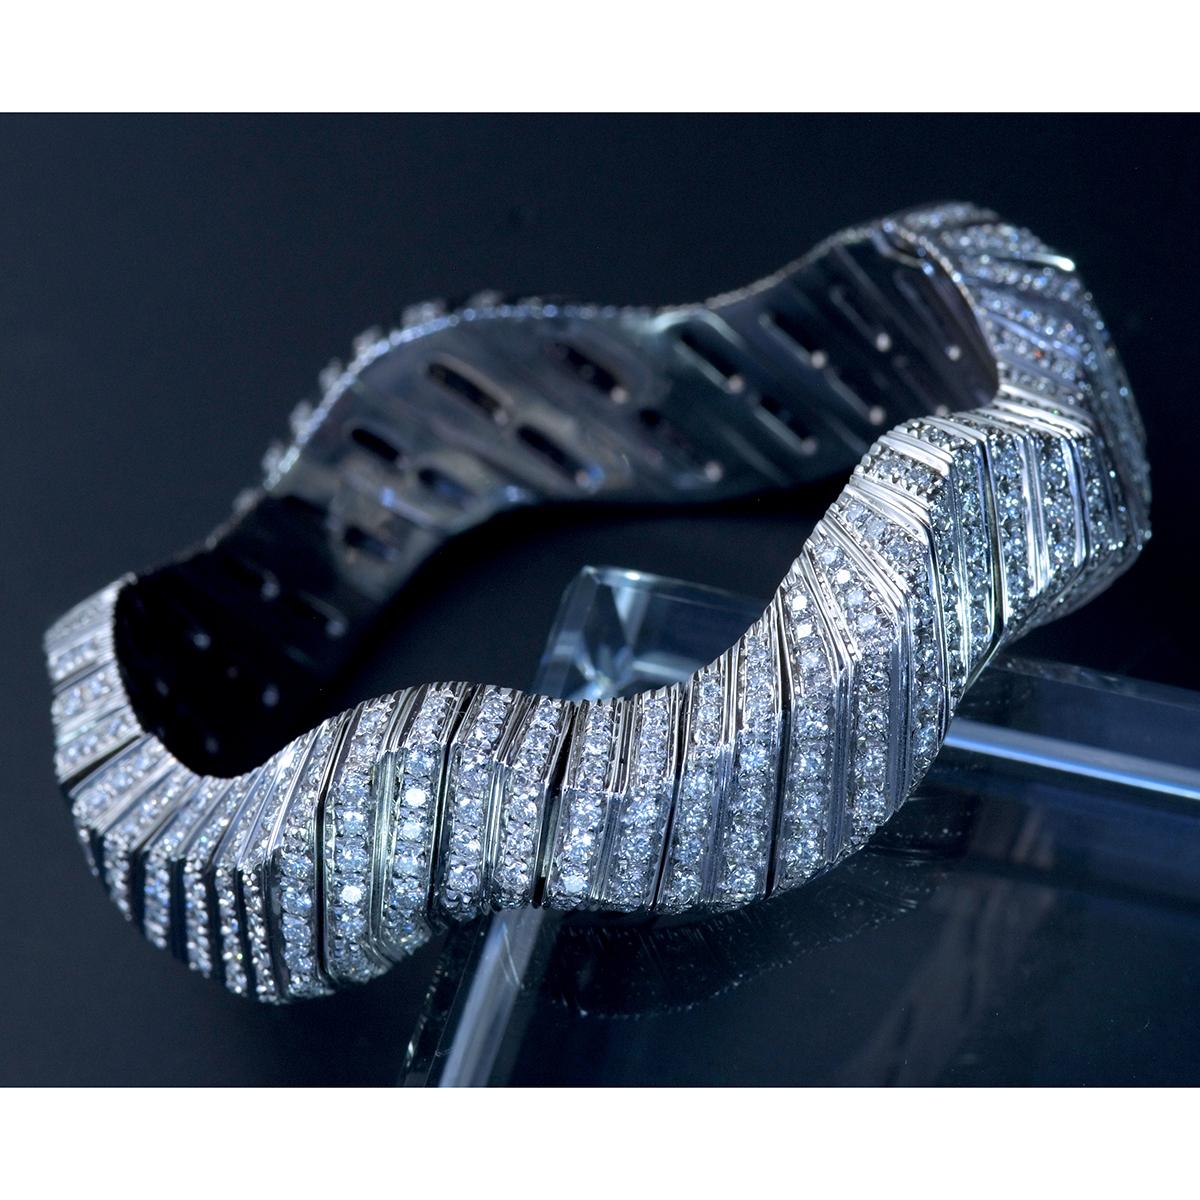 E9797 天然雲上ダイヤモンド7.84ct 最高級18金WG無垢セレブリティビッグバングル 腕周り16.5cm 重量81.94g 幅30.5mm_画像1